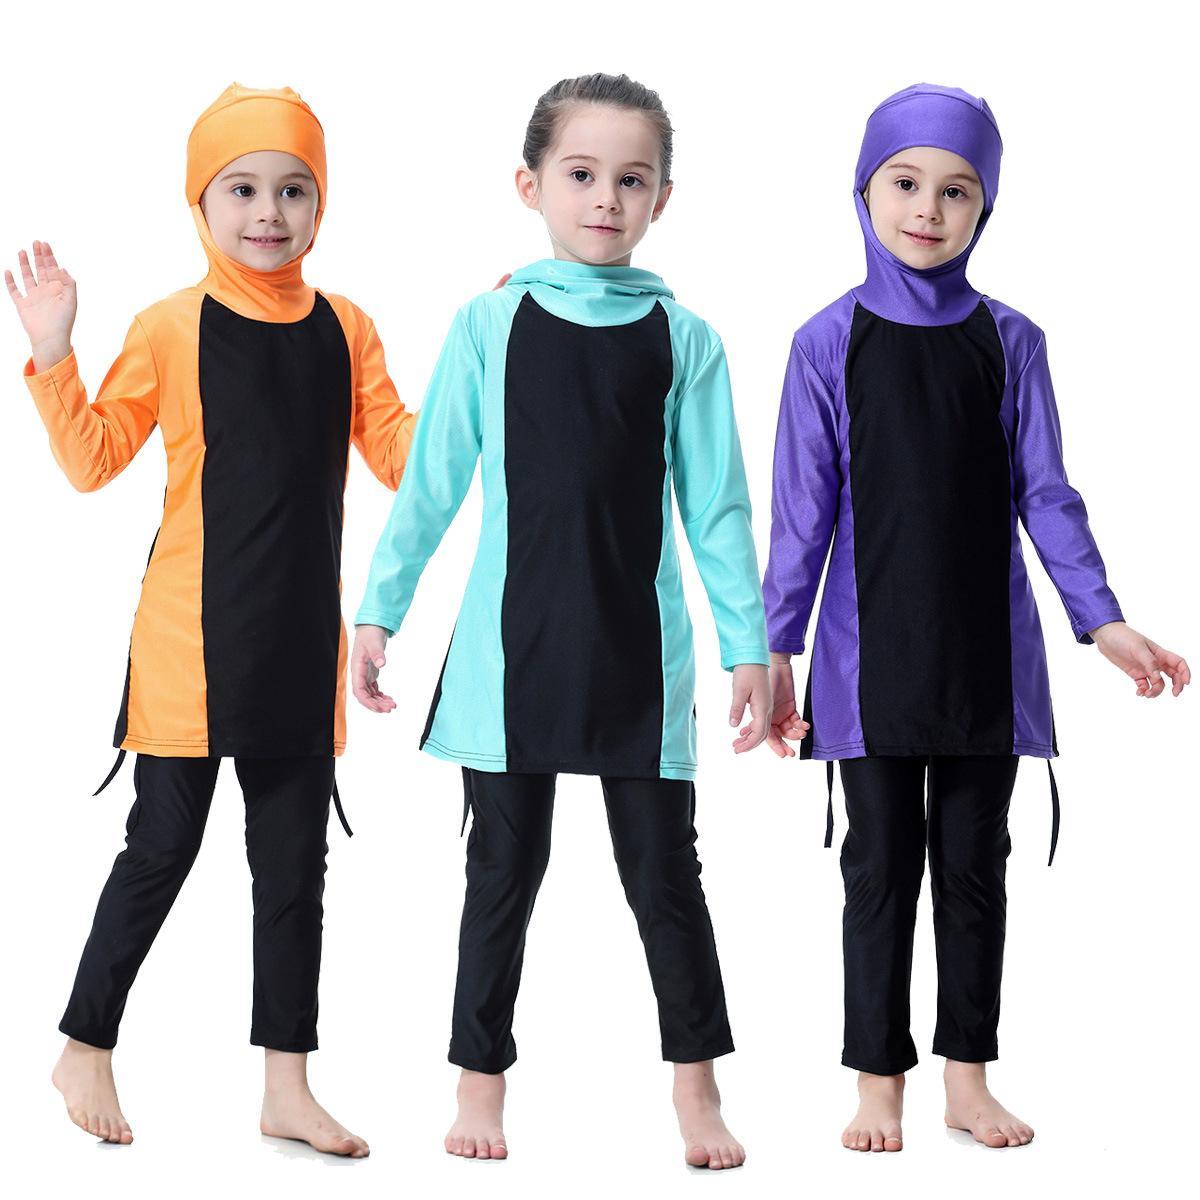 Acquista Swimwear Musulmano Delle Ragazze Di Nuovo Disegno Di Trasporto  Libero. Bambini Nuotano Balneazione Abbigliamento Islamico 9f5e9ae6bdd9